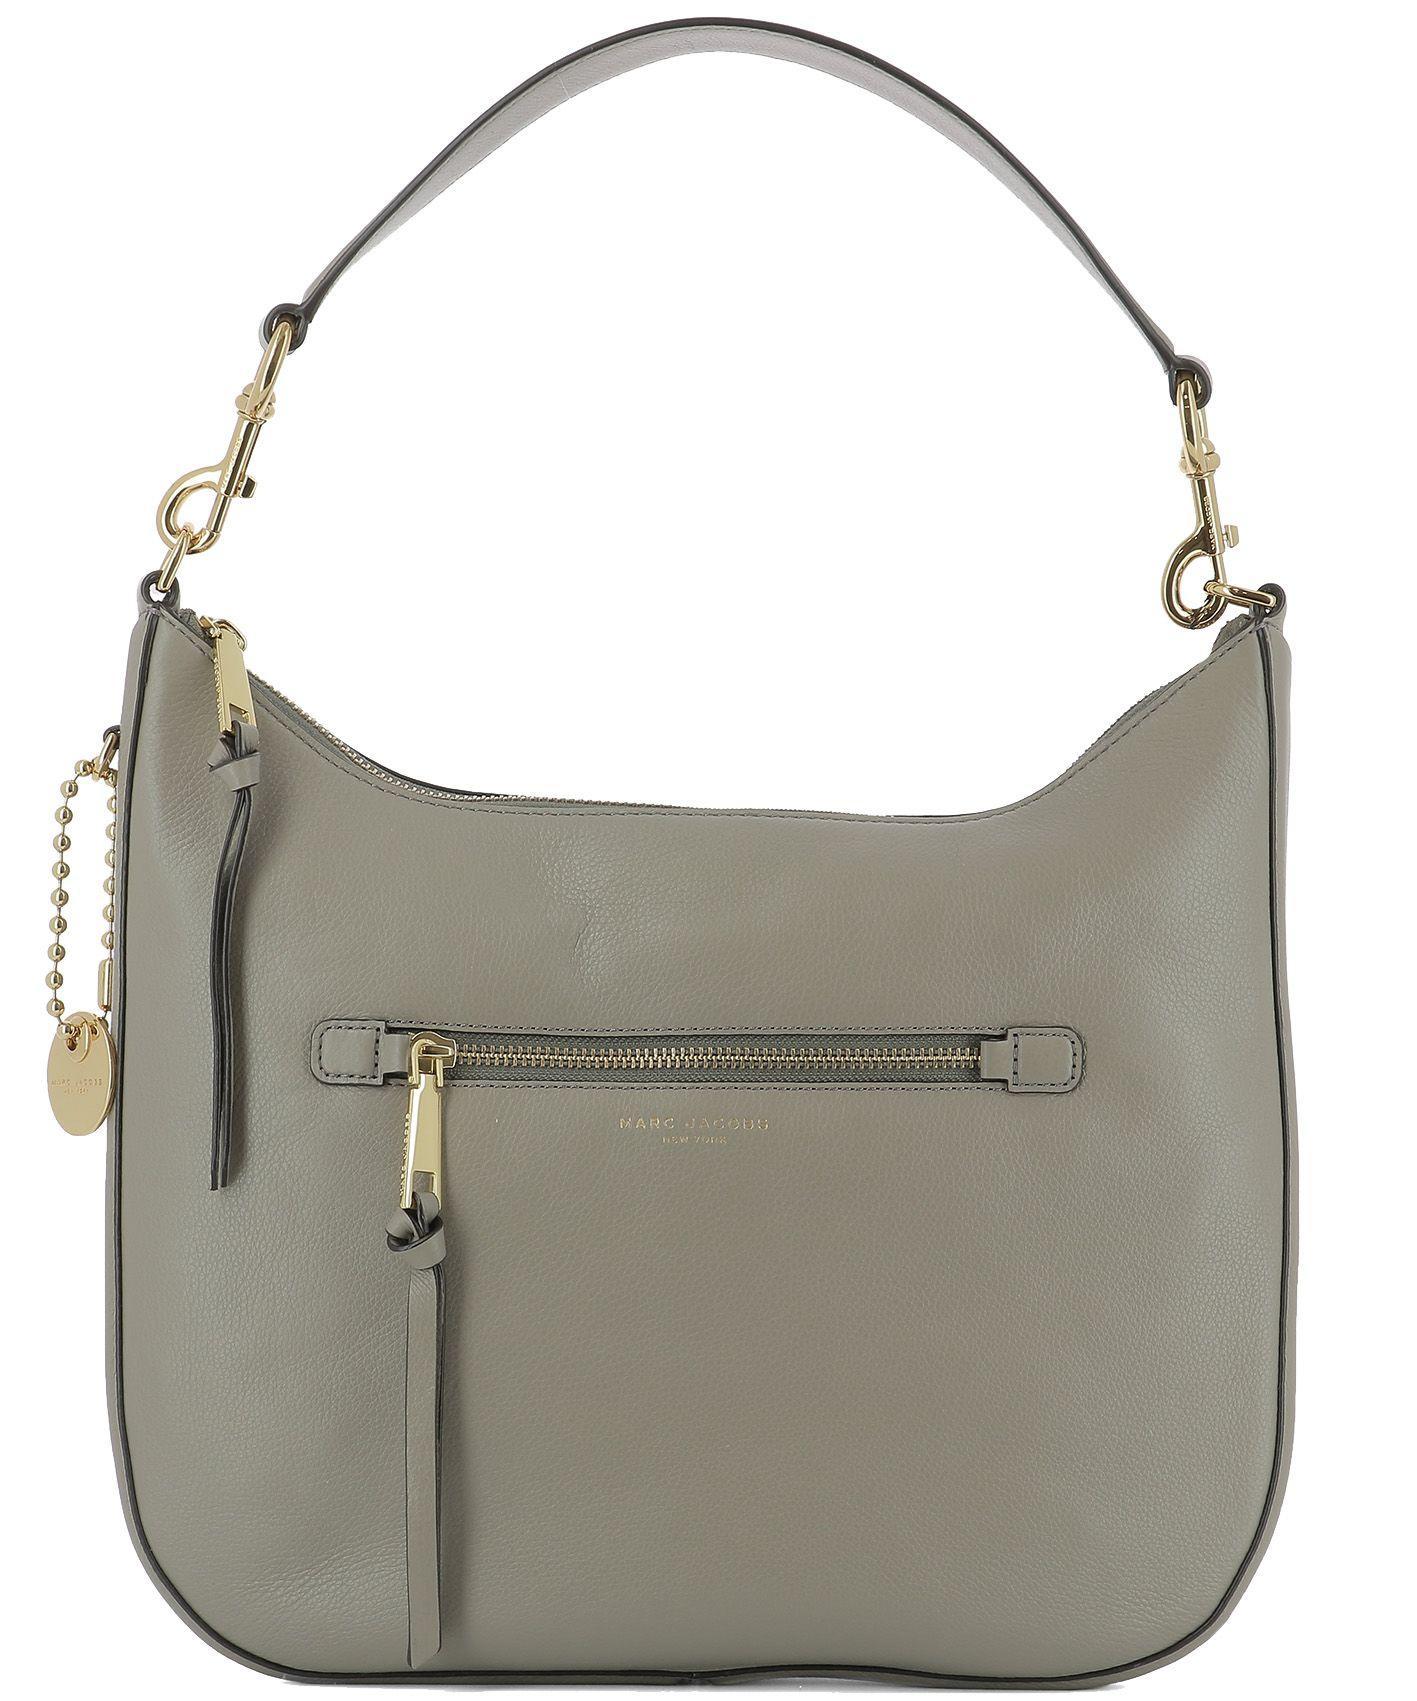 Marc Jacobs Grey Leather Shoulder Bag